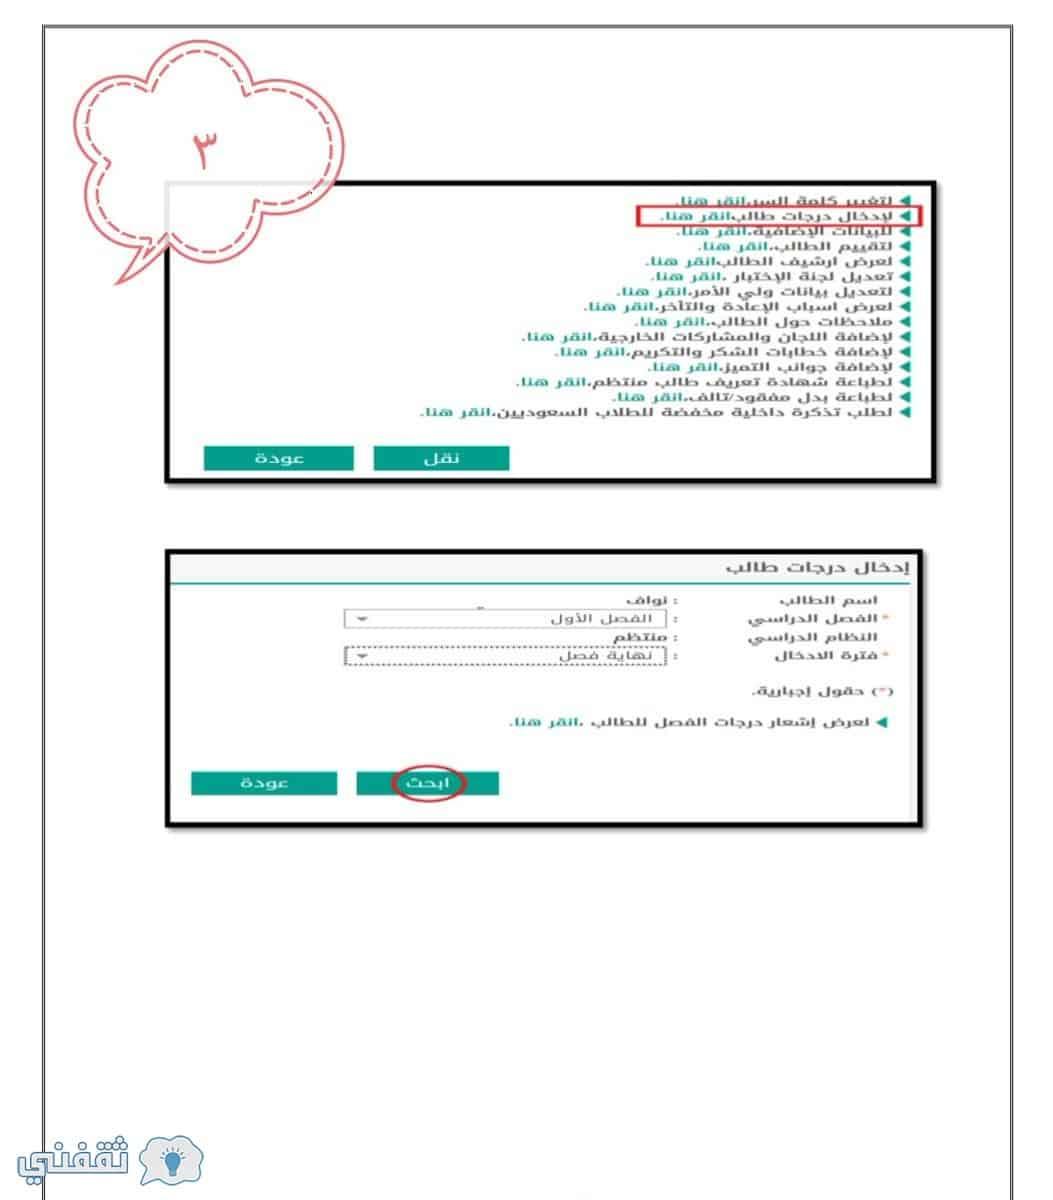 الآن رابط نظام نور لولي الأمر برقم الهوية الوطنية فقط للاستعلام عن نتائج الطلاب عبر Noor